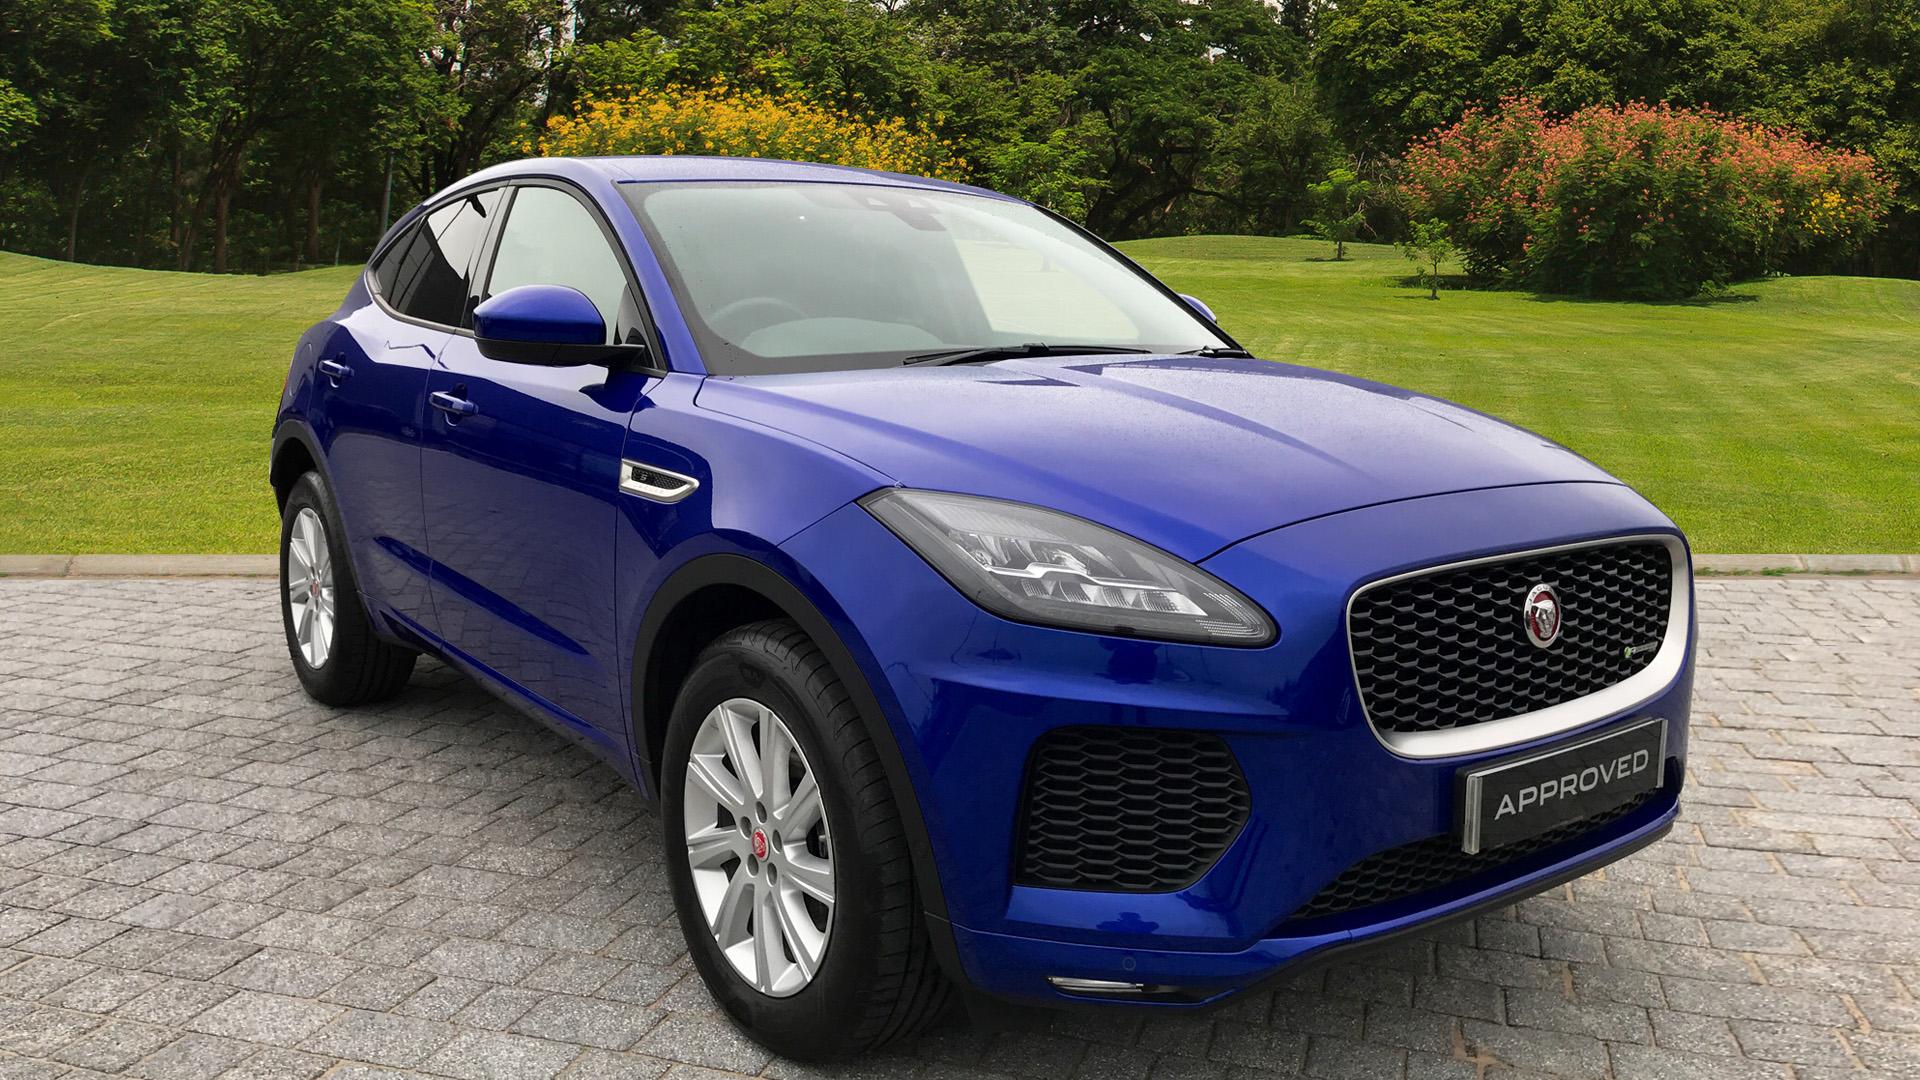 Used Jaguar E Pace 2 0D [180] R Dynamic S 5Dr Auto Diesel Estate for